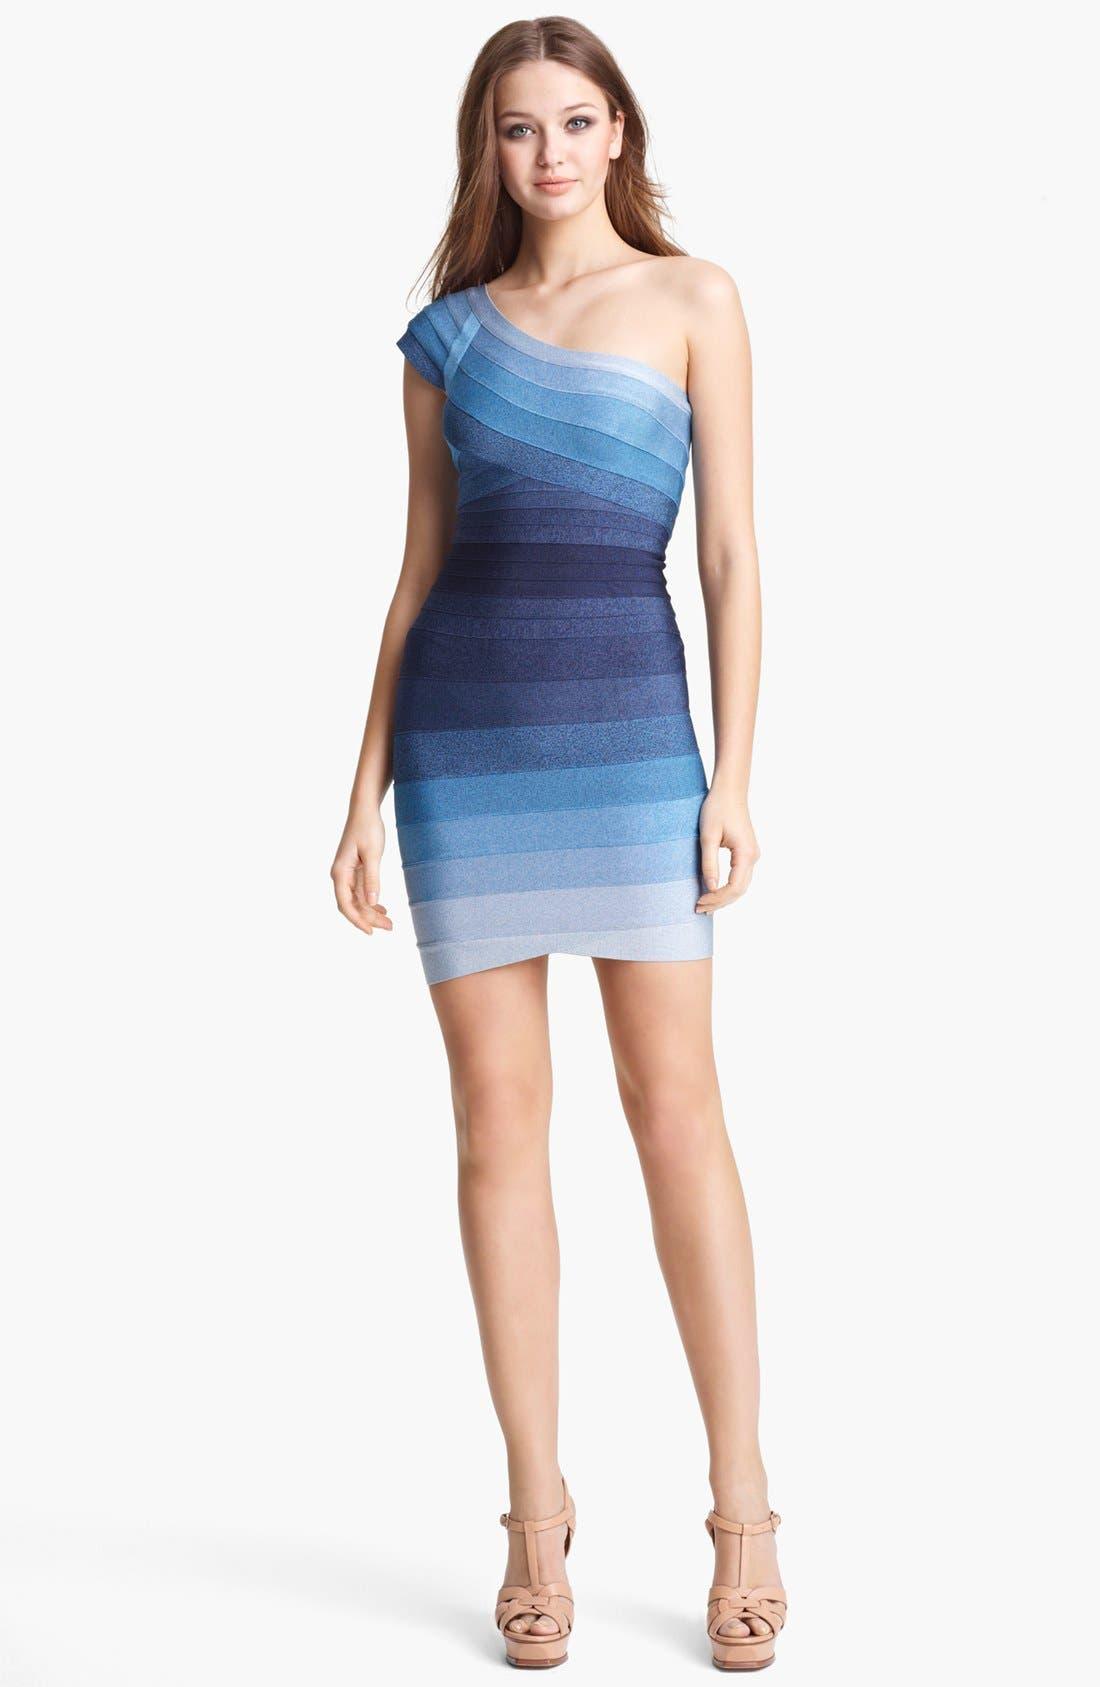 Main Image - Herve Leger Ombré One Shoulder Bandage Dress